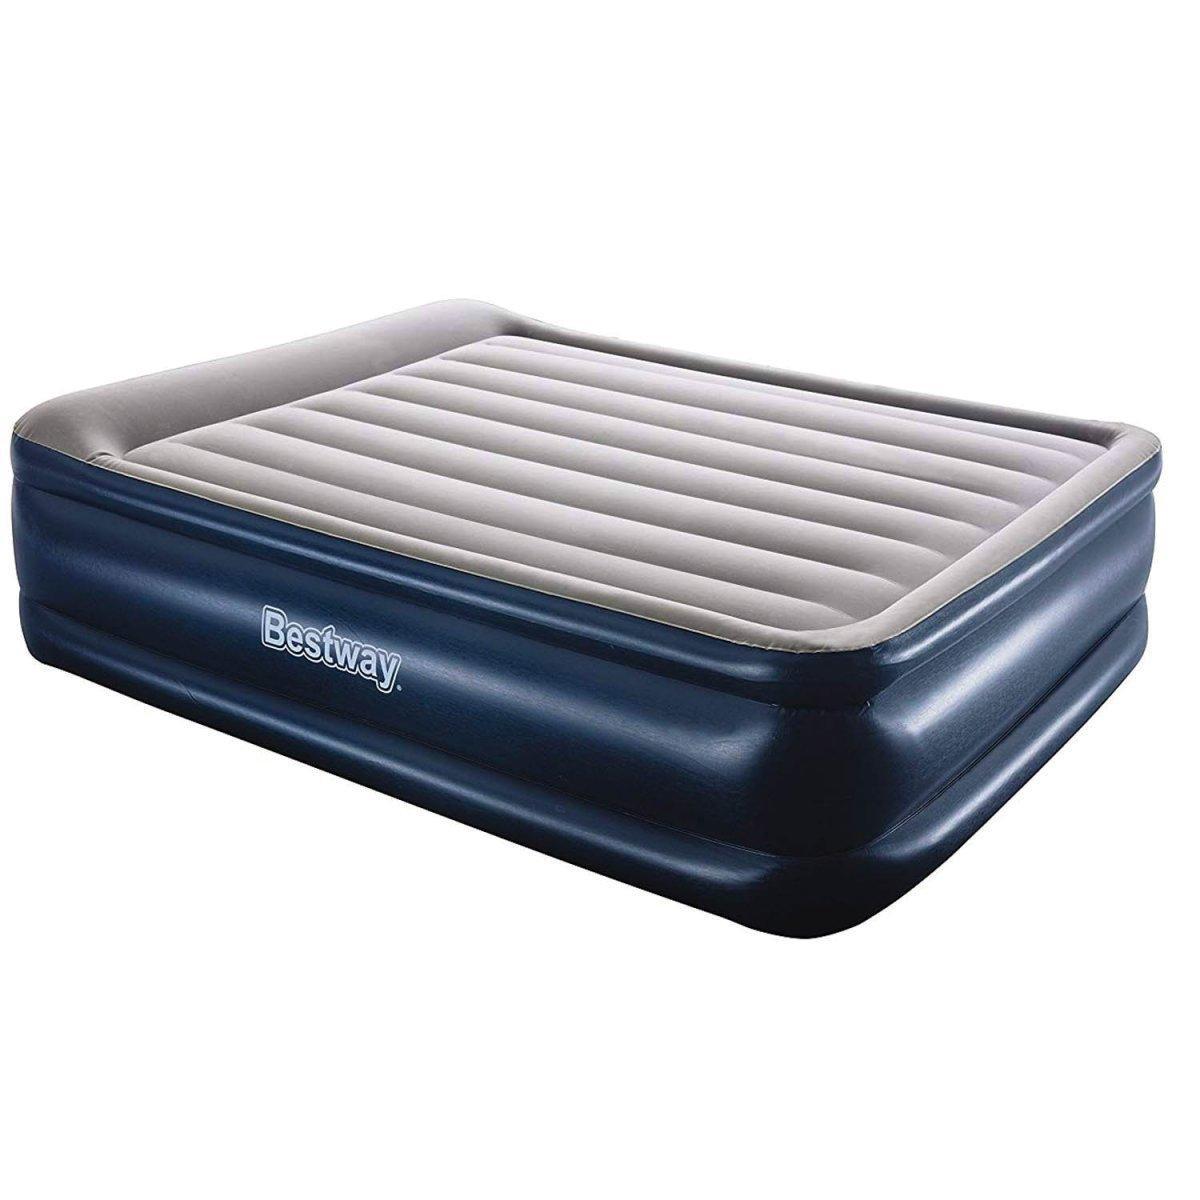 Двухспальная надувная кровать со встроенным электронасосом Bestway 67614, (размер 152*203*56 см)